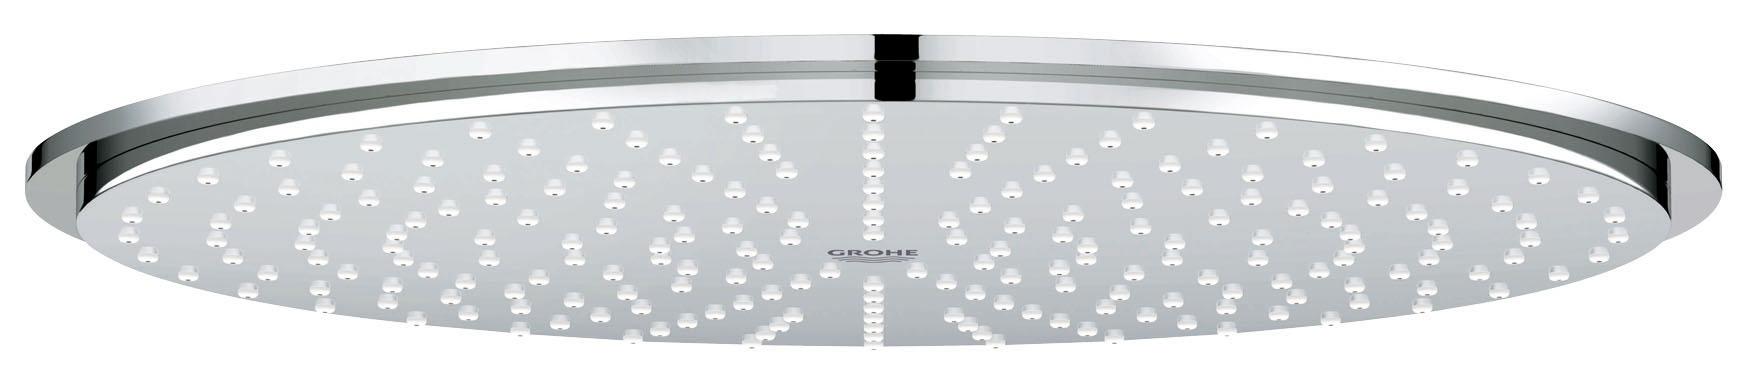 Верхний душ GROHE Rainshower (27477000)27477000RainМеталлO 310 ммРезьбовое соединение 1/2?Шаровой шарнир с углом поворота 20° ± 20°С системой SpeedClean против известковых отложенийМожет использоваться с проточным водонагревателемGROHE StarLight хромированная поверхность GROHE DreamSpray превосходный поток воды